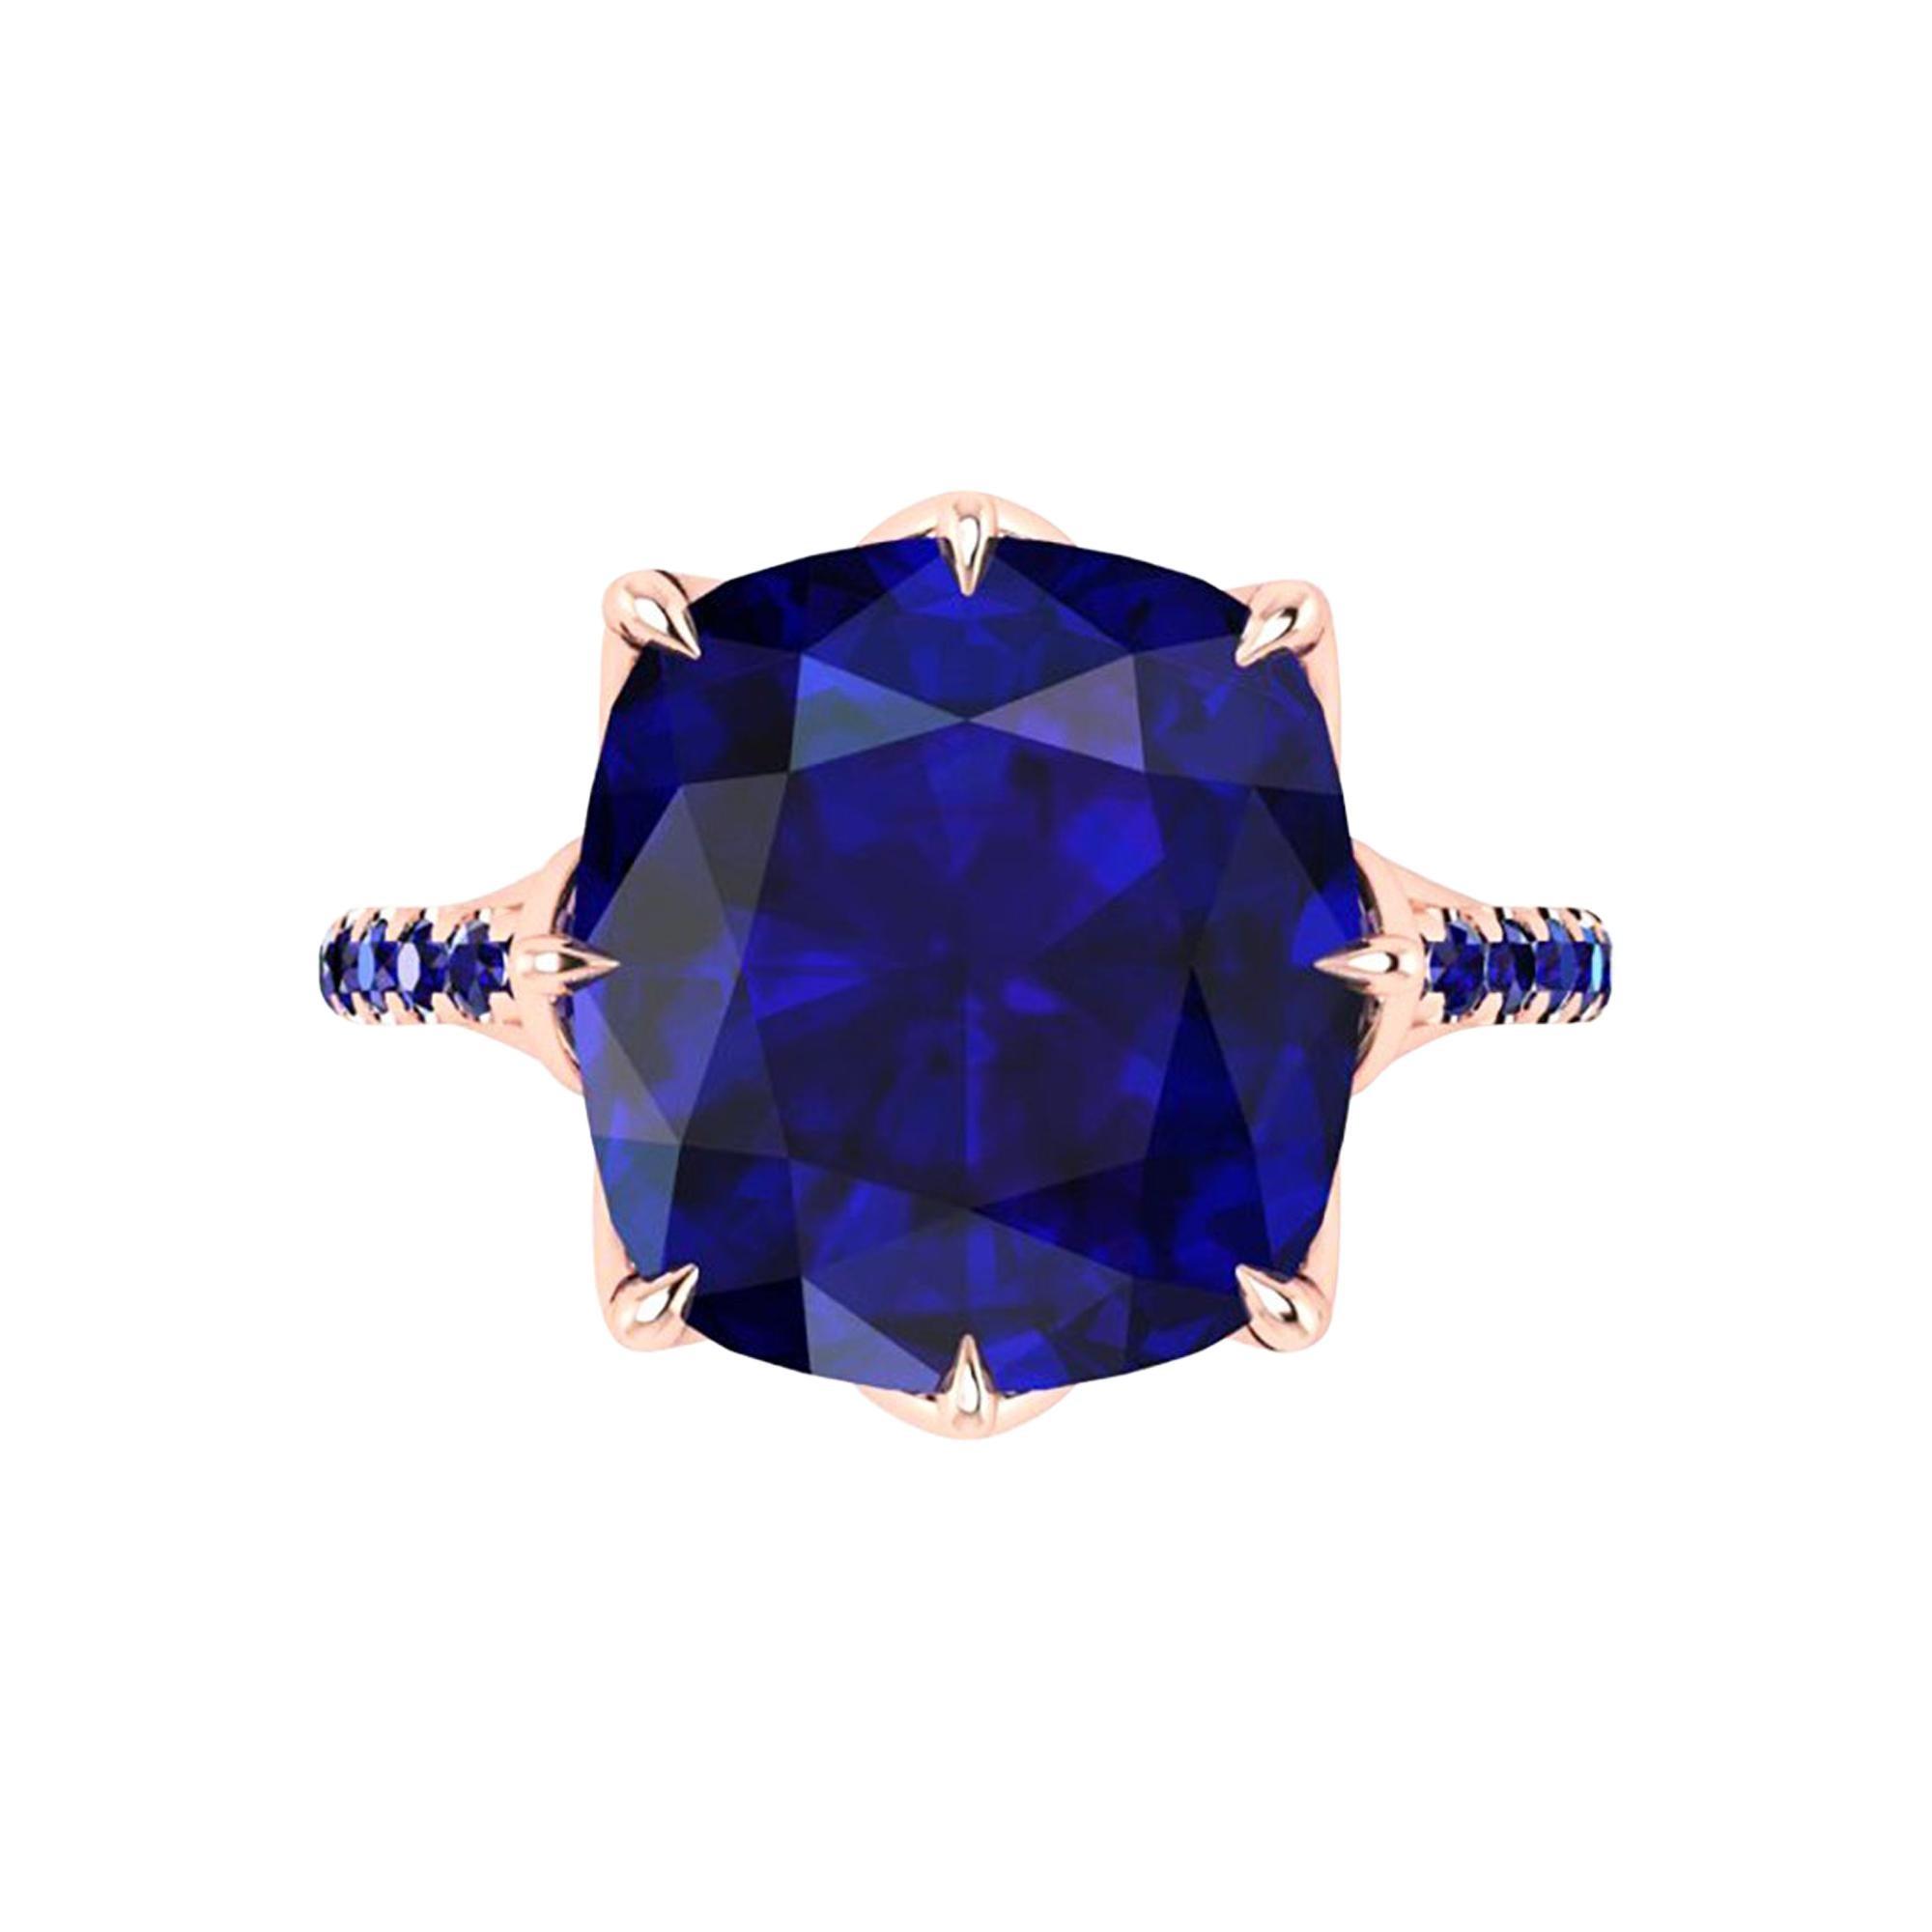 GIA Certified 9.23 carat Cushion Cut Tanzanite 18 Karat Rose Gold Ring